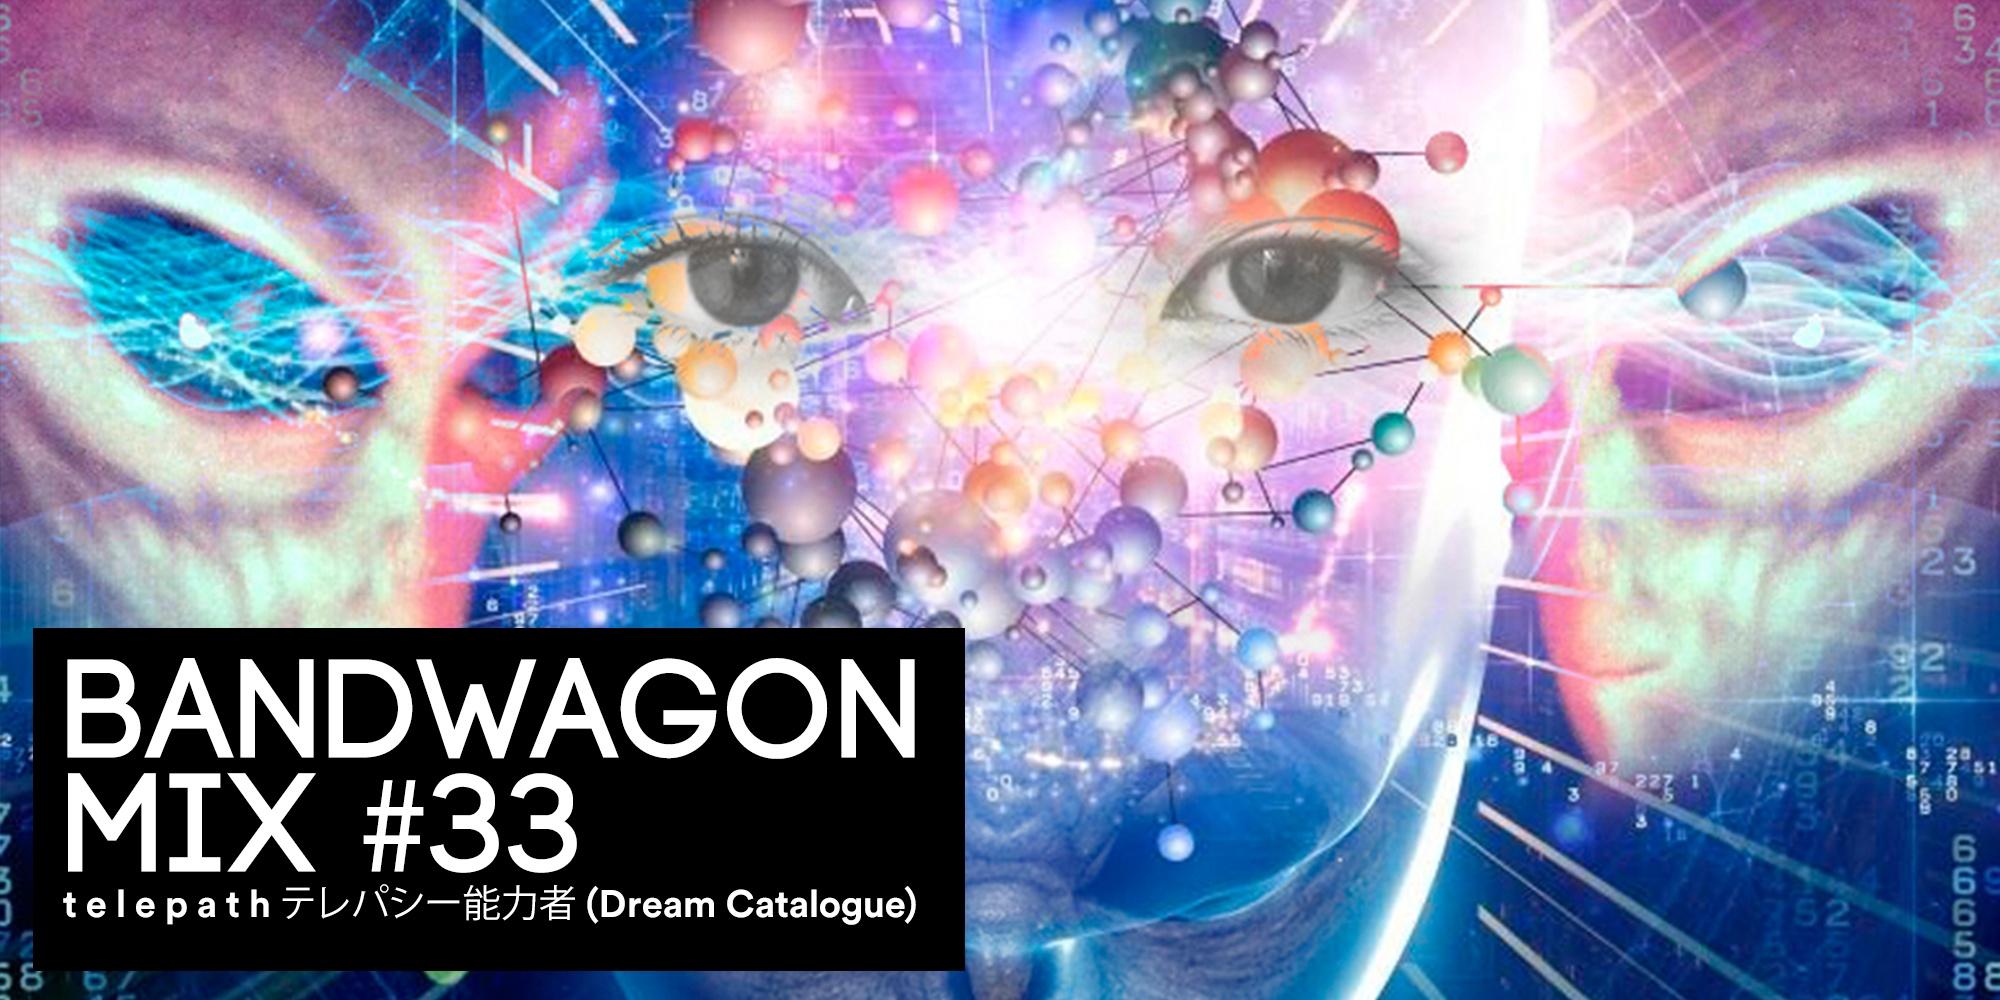 Bandwagon Mix #33: t e l e p a t h テレパシー能力者 (Dream Catalogue)